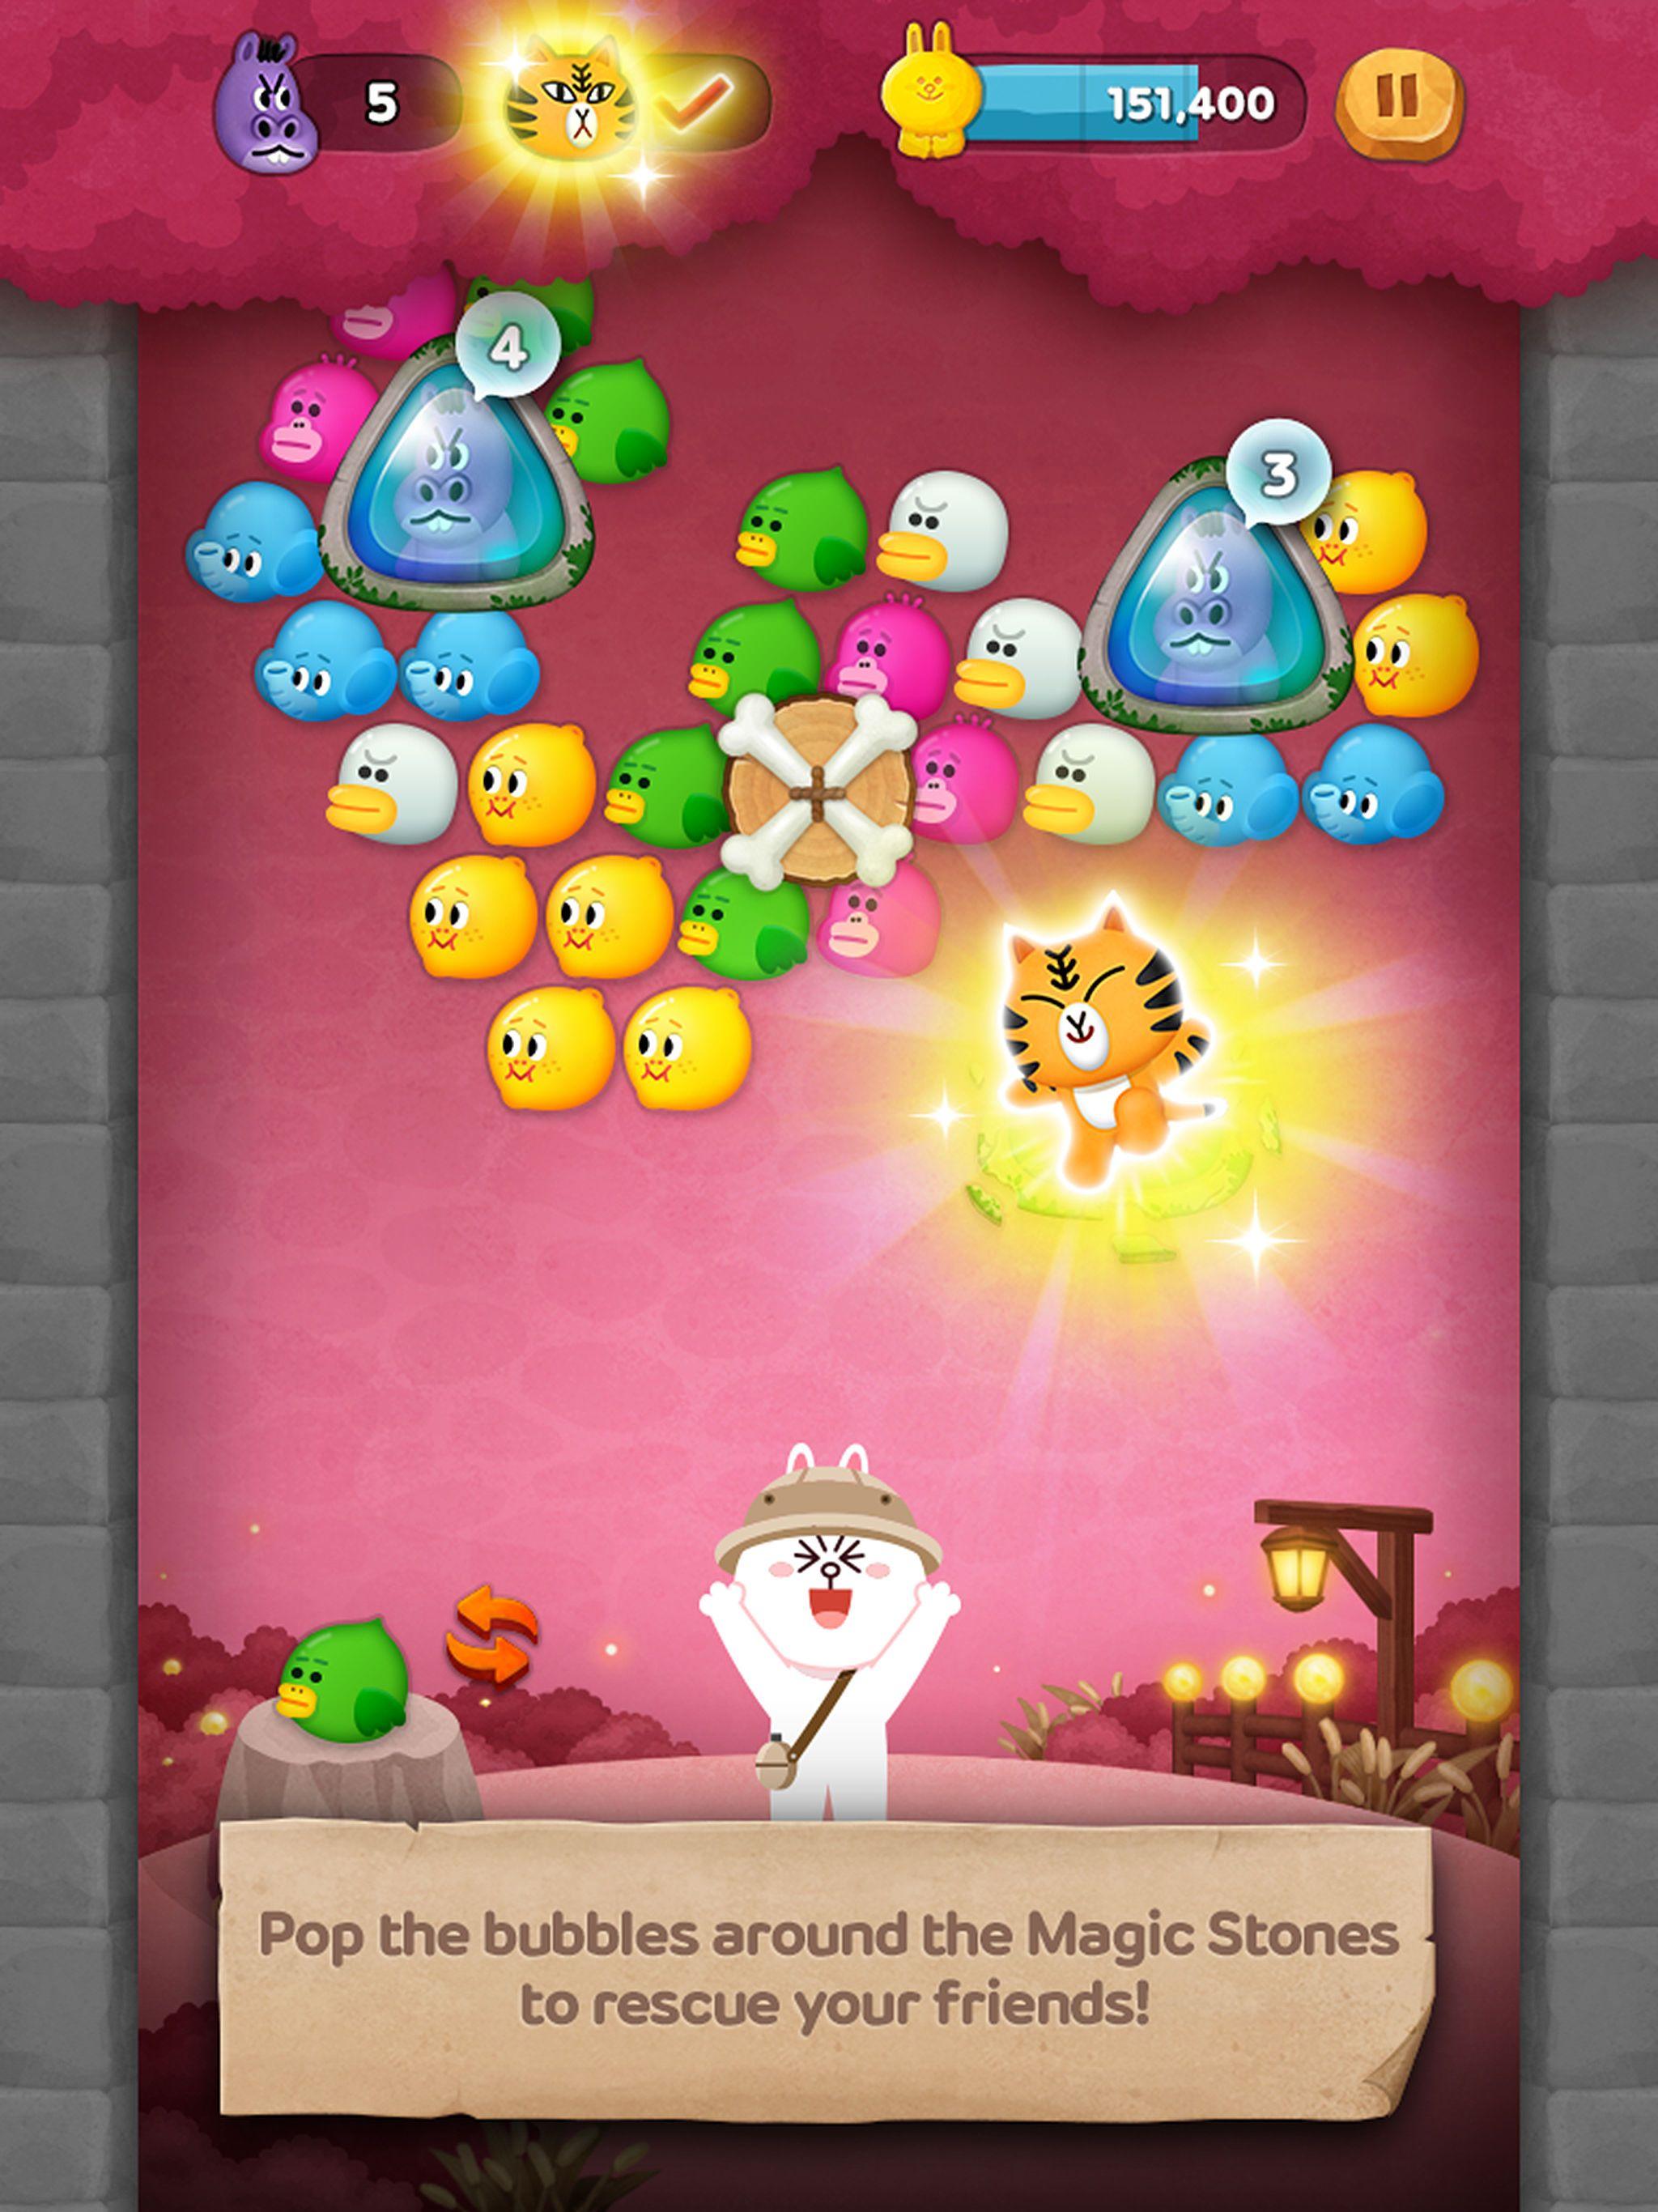 LINE Bubble 2 iOS Store Store 的热门 App App Annie